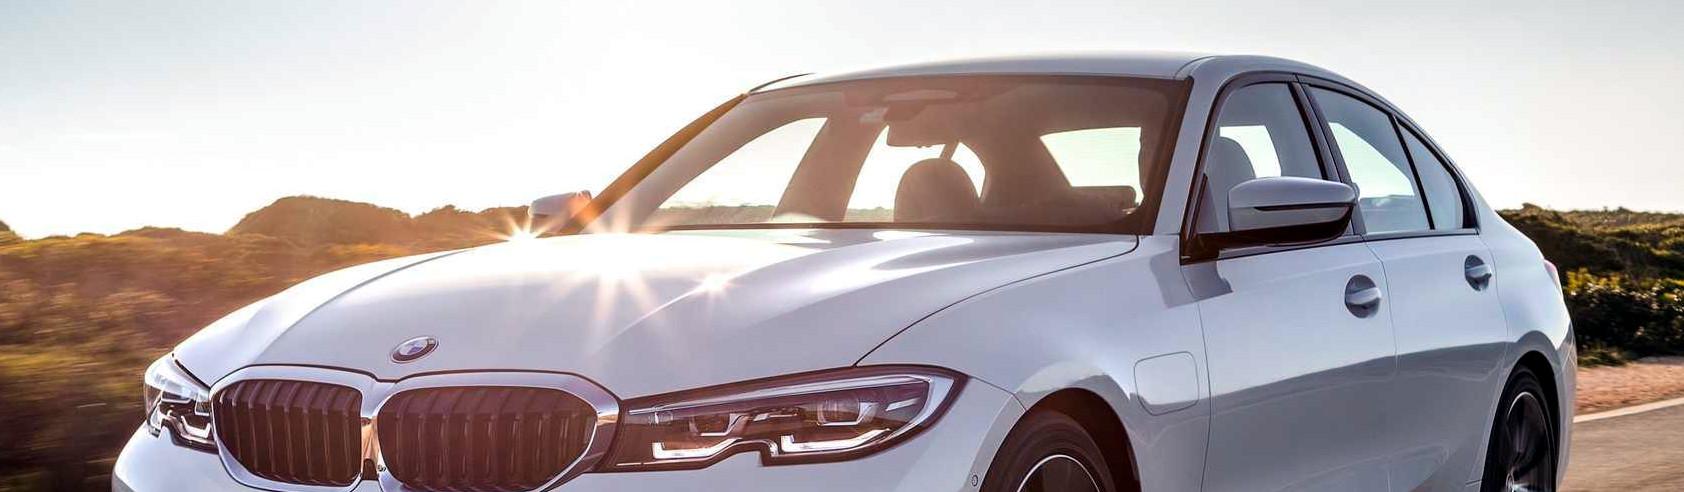 Полировка лобового стекла BMW